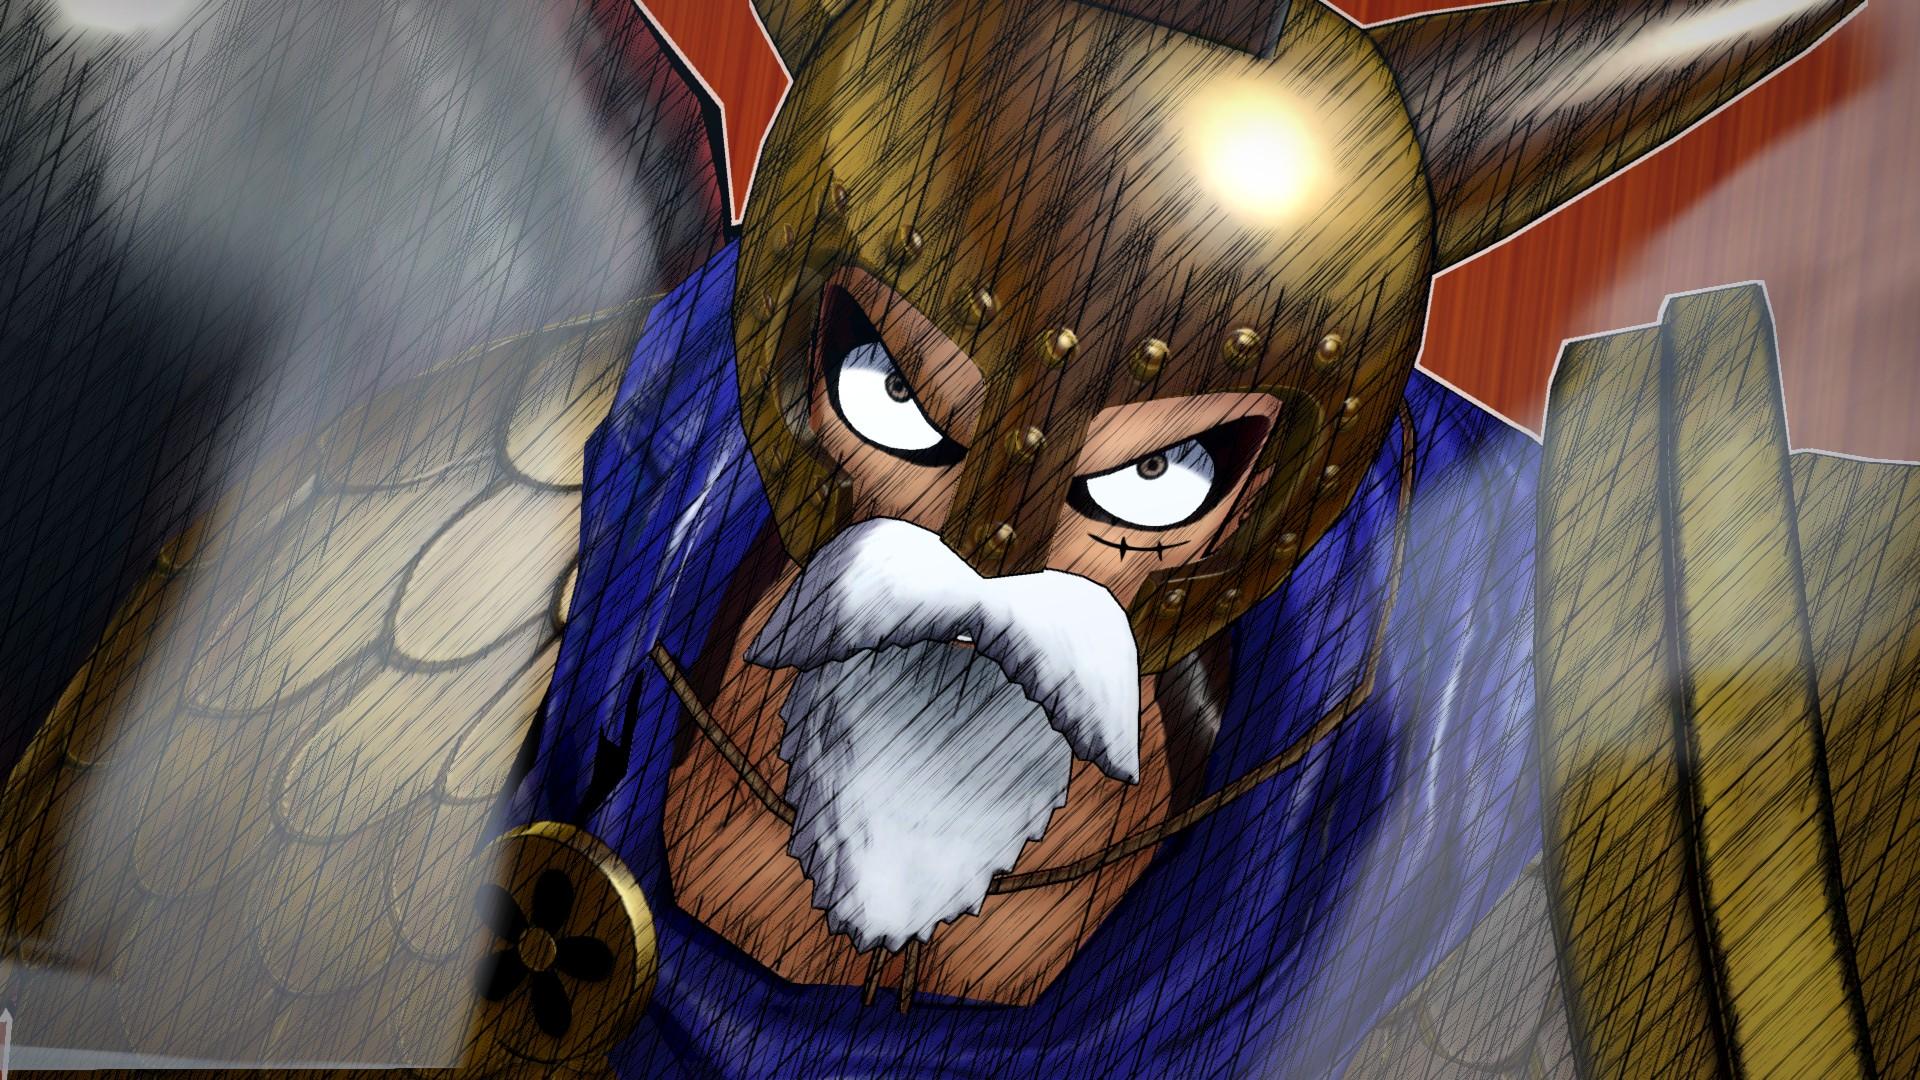 Bonusy za předobjednávku digitálních kopií One Piece: Burning Blood 122768